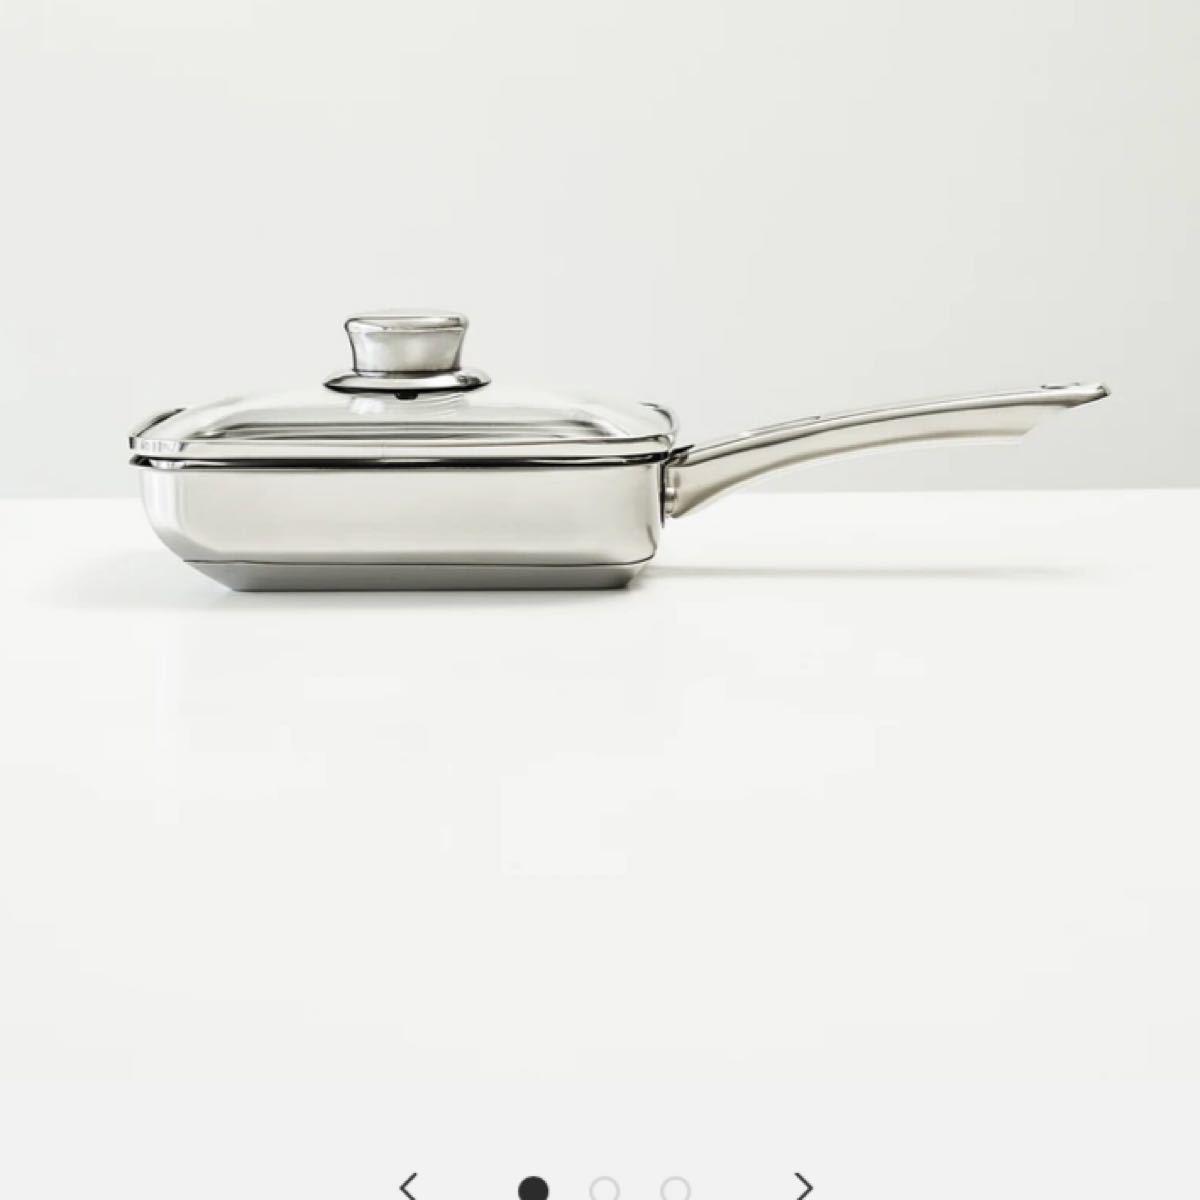 新品未開封 Meyer マイヤーマキシム エスエス 蓋付エッグパン 18cm フライパン IH/ガス対応 ティファール